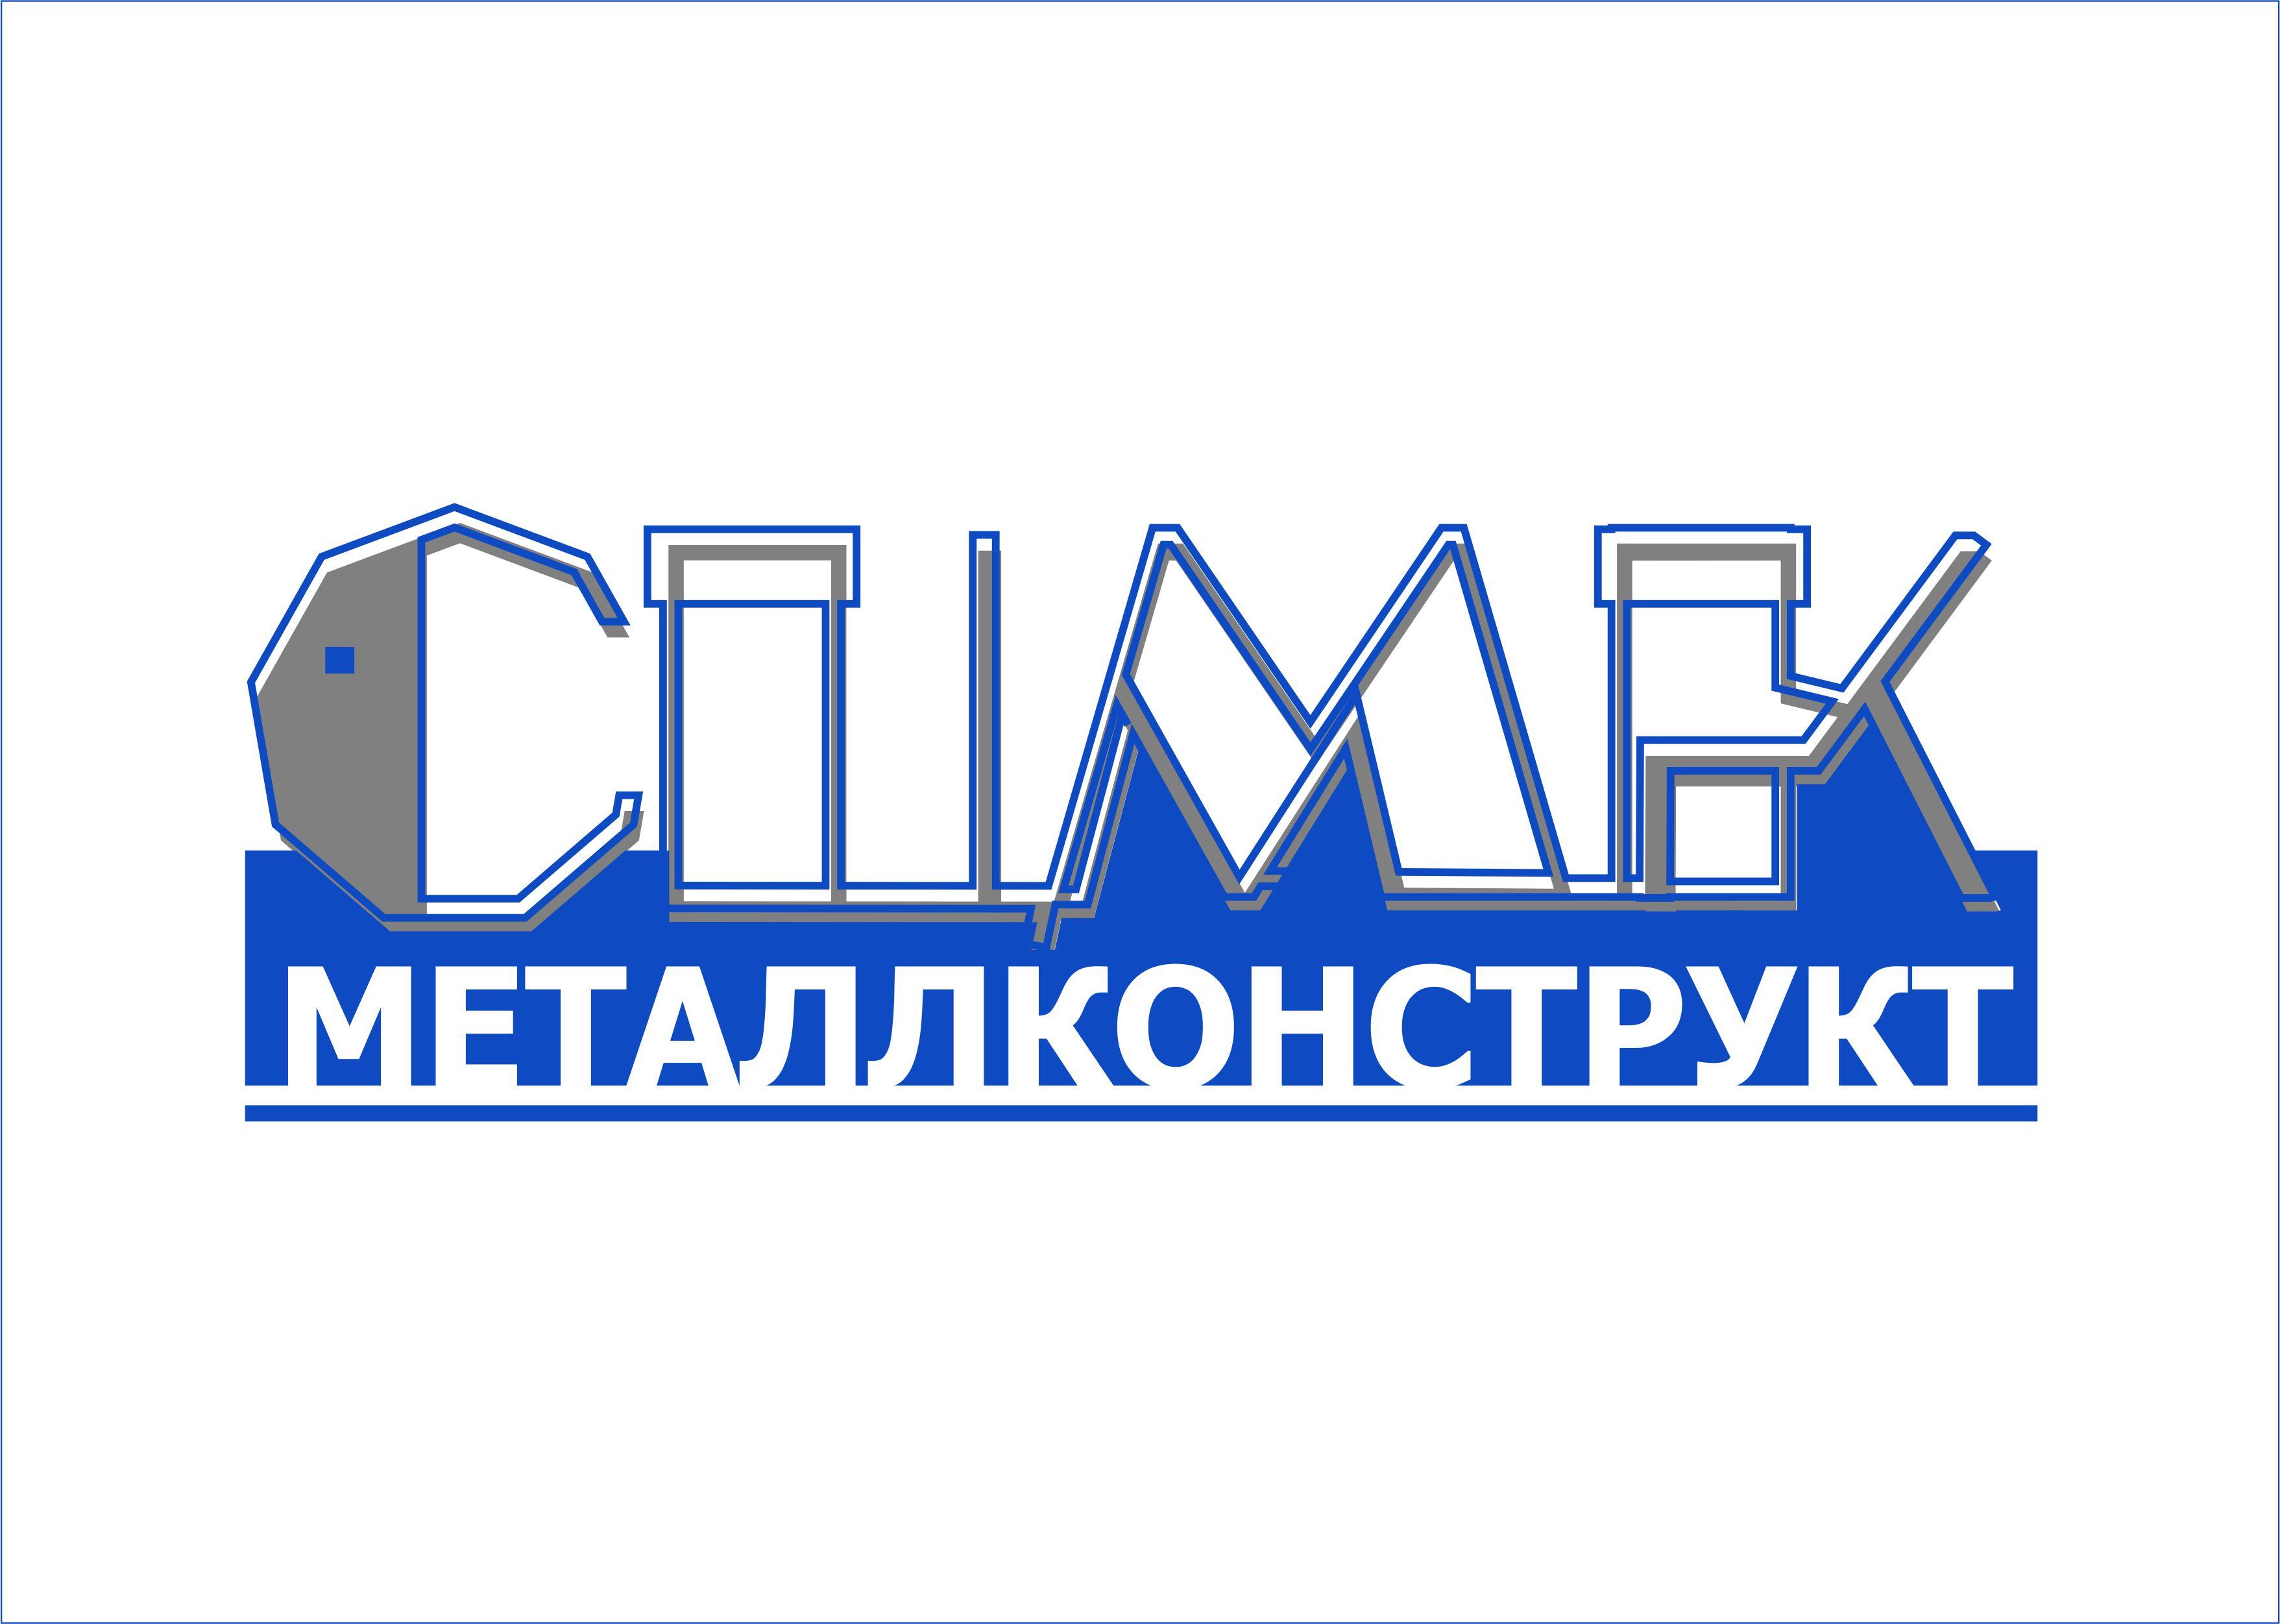 Разработка логотипа и фирменного стиля фото f_8505ad4d38fd261d.jpg